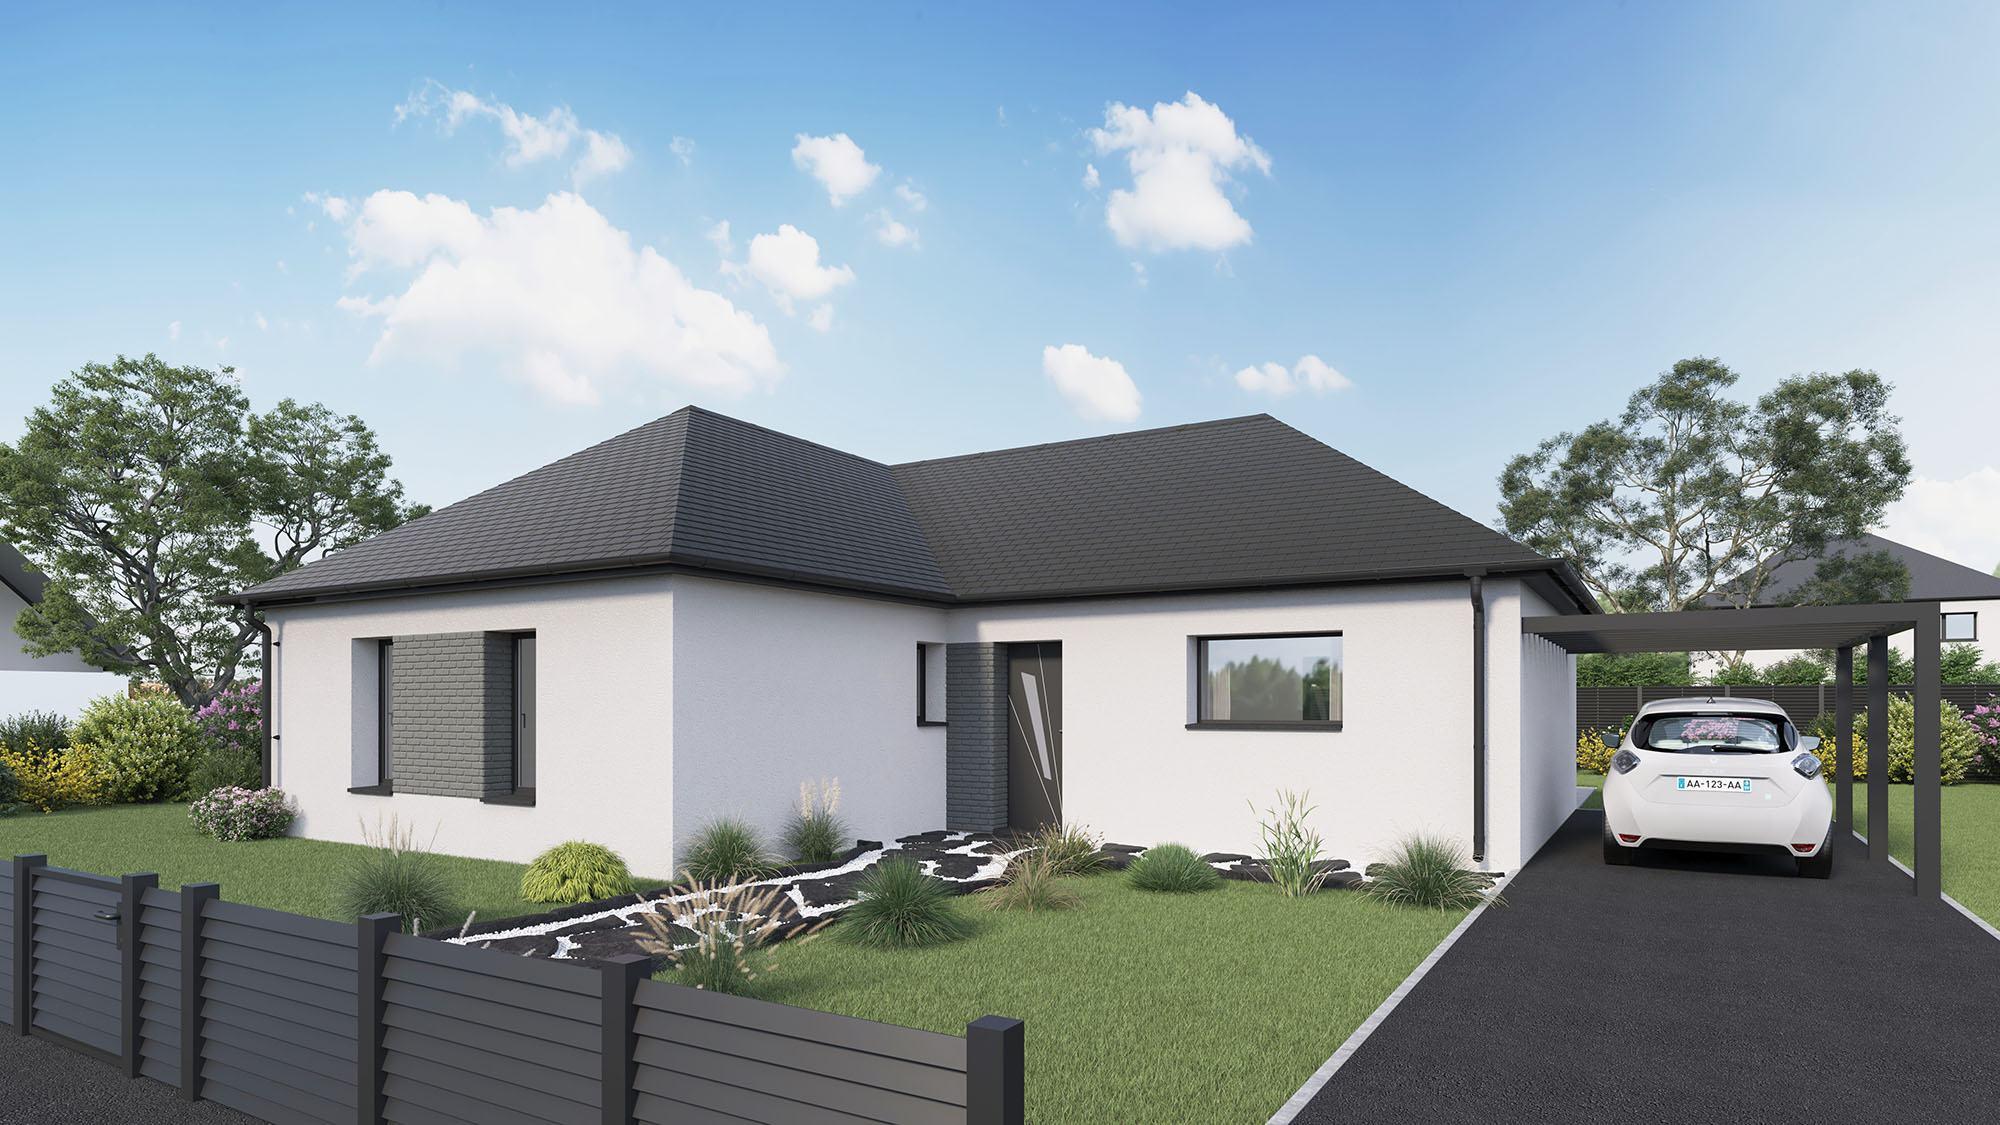 Votre maison + terrain à Bourgtheroulde-Infreville  - 27520